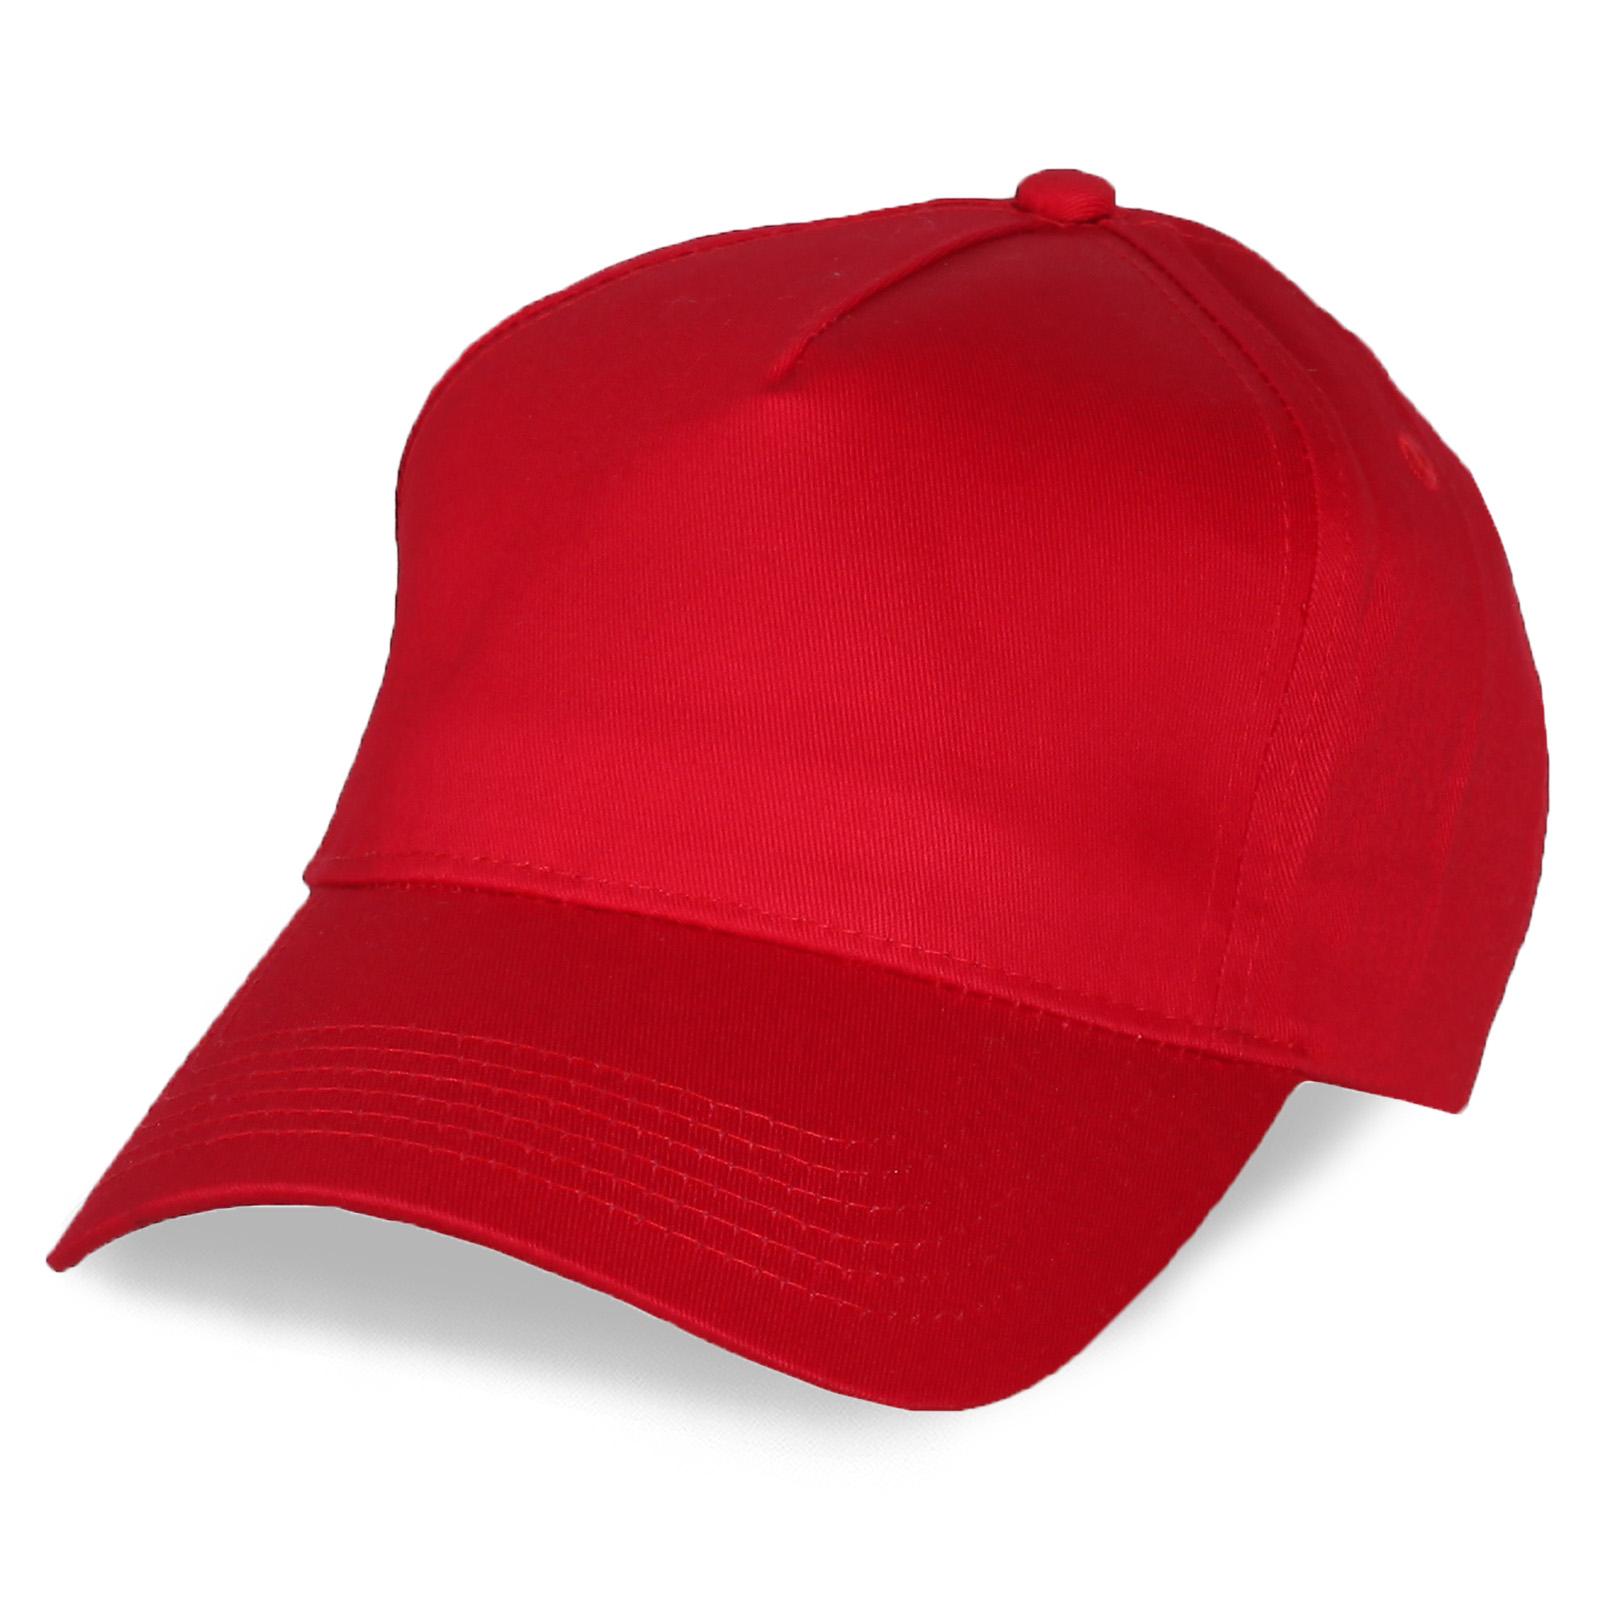 Красная бейсболка под принт изображений